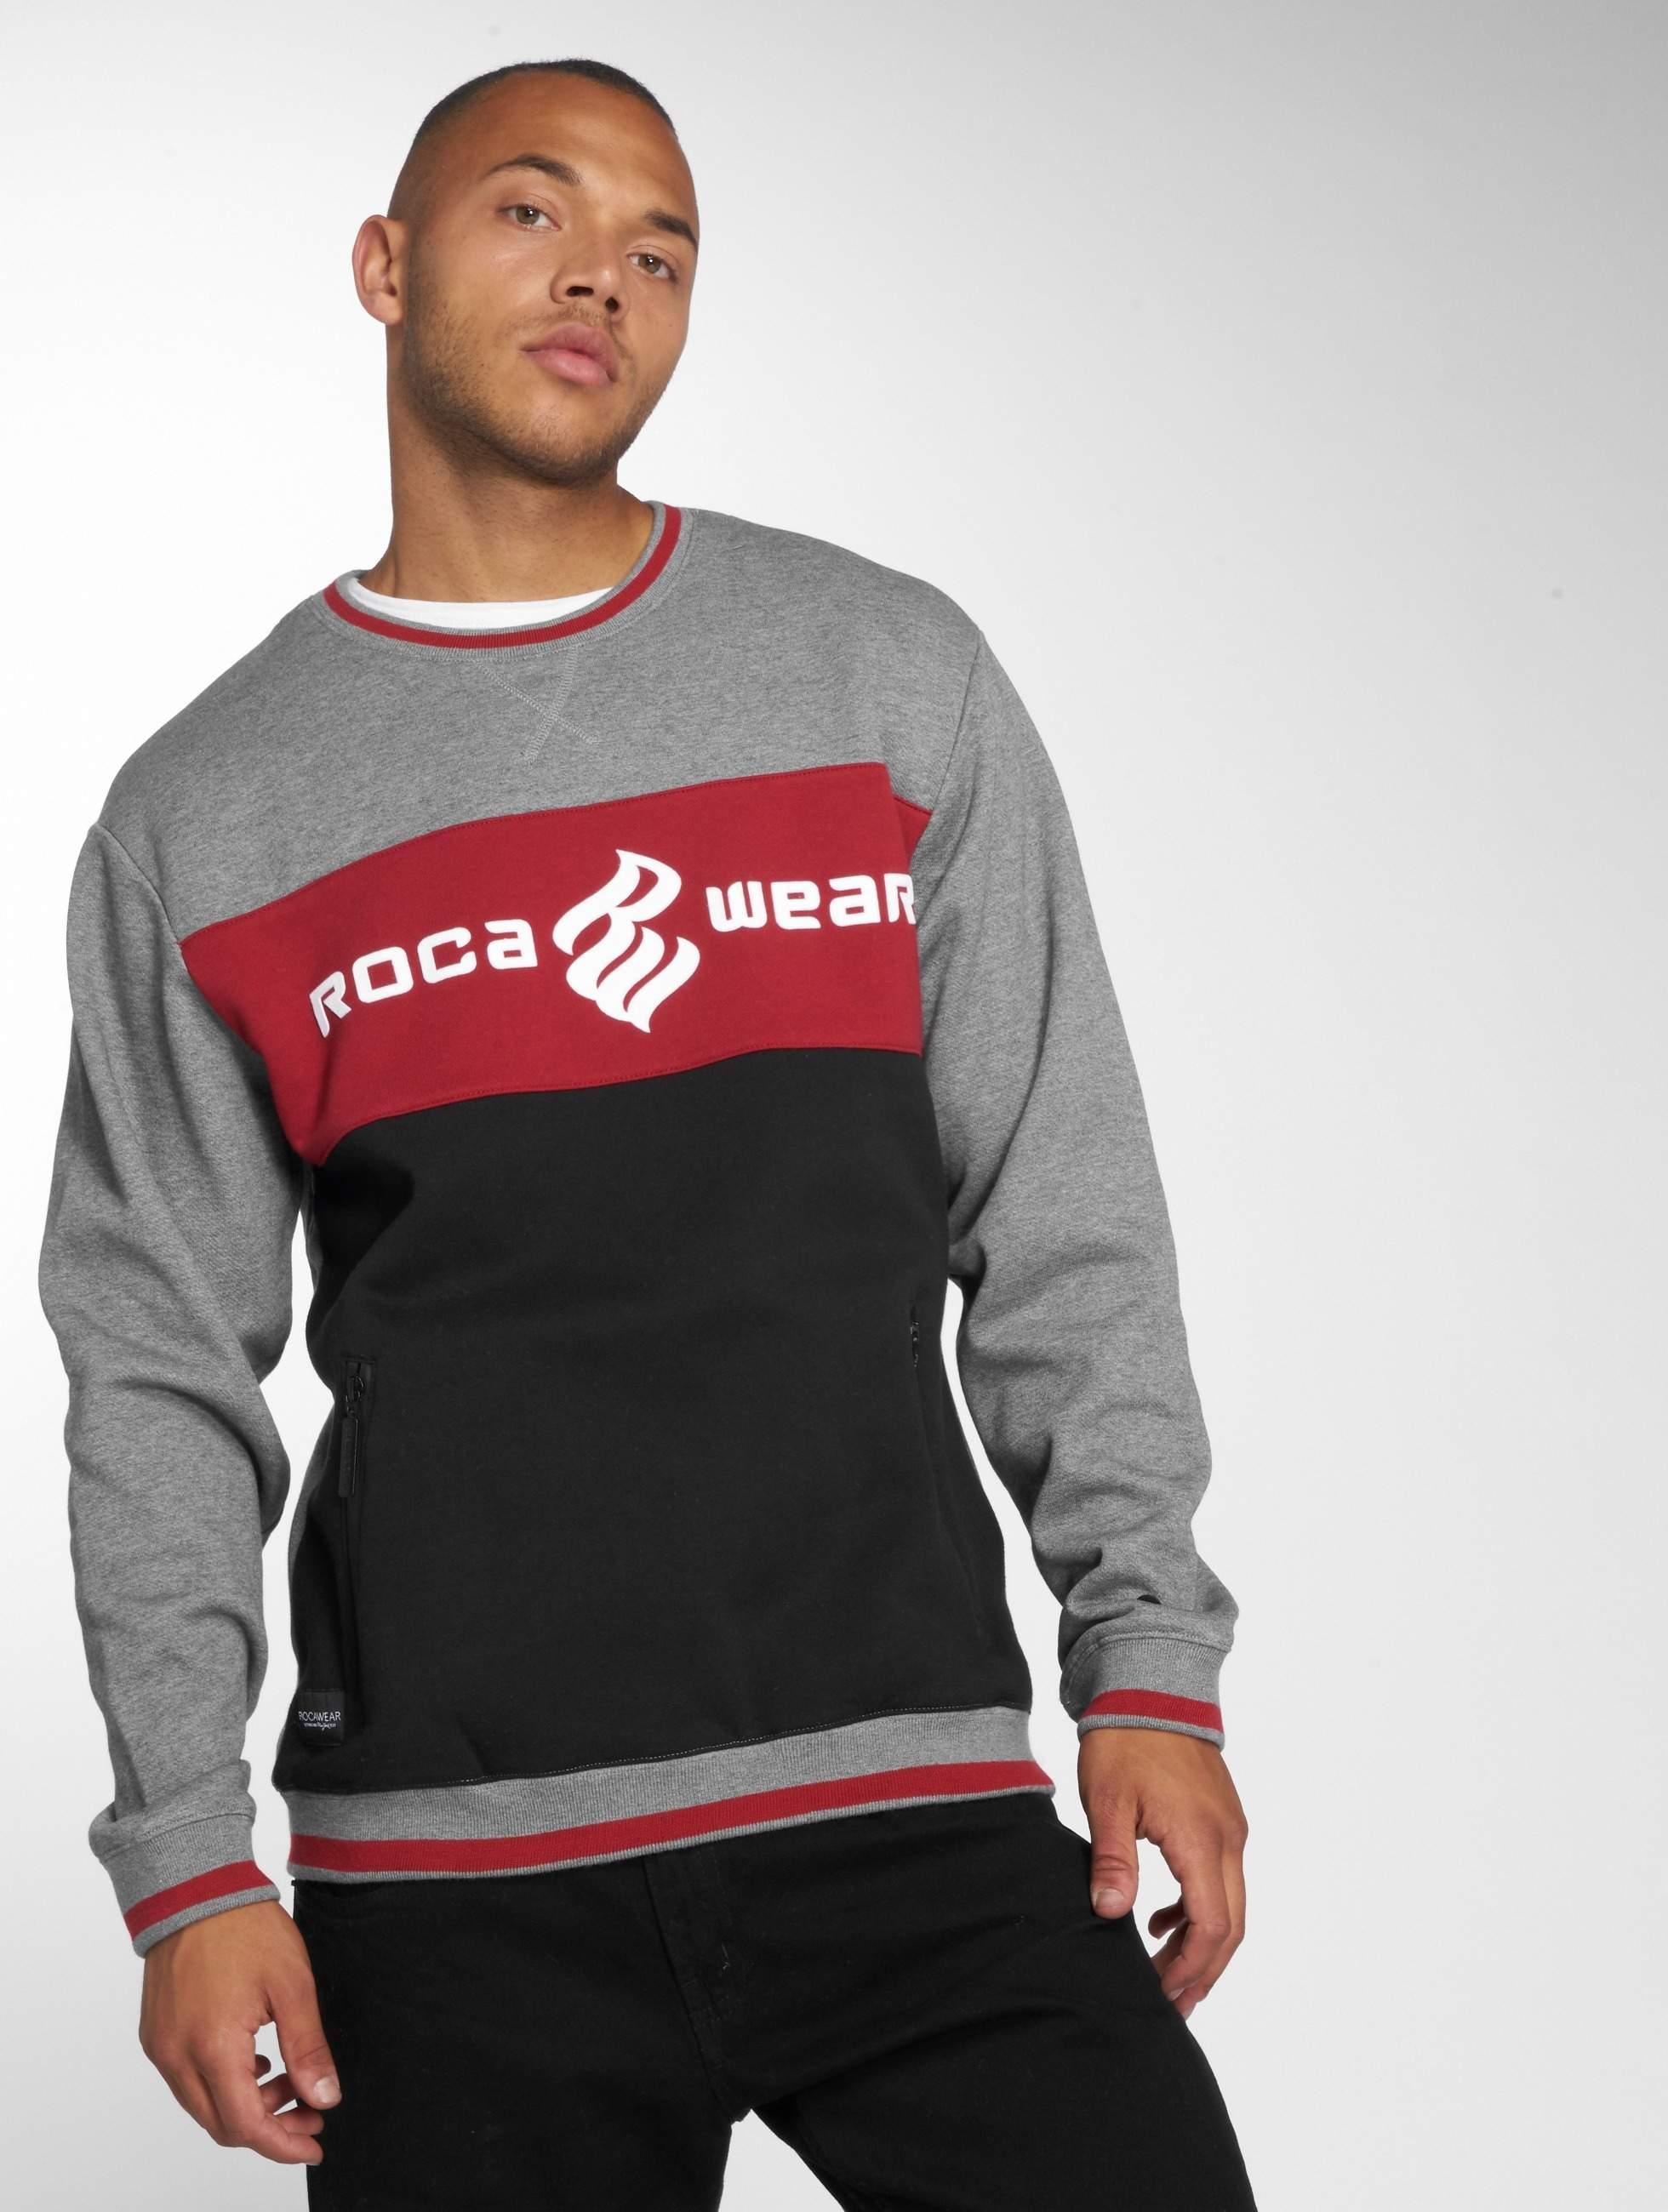 Rocawear / Jumper 3 Tone in grey XL